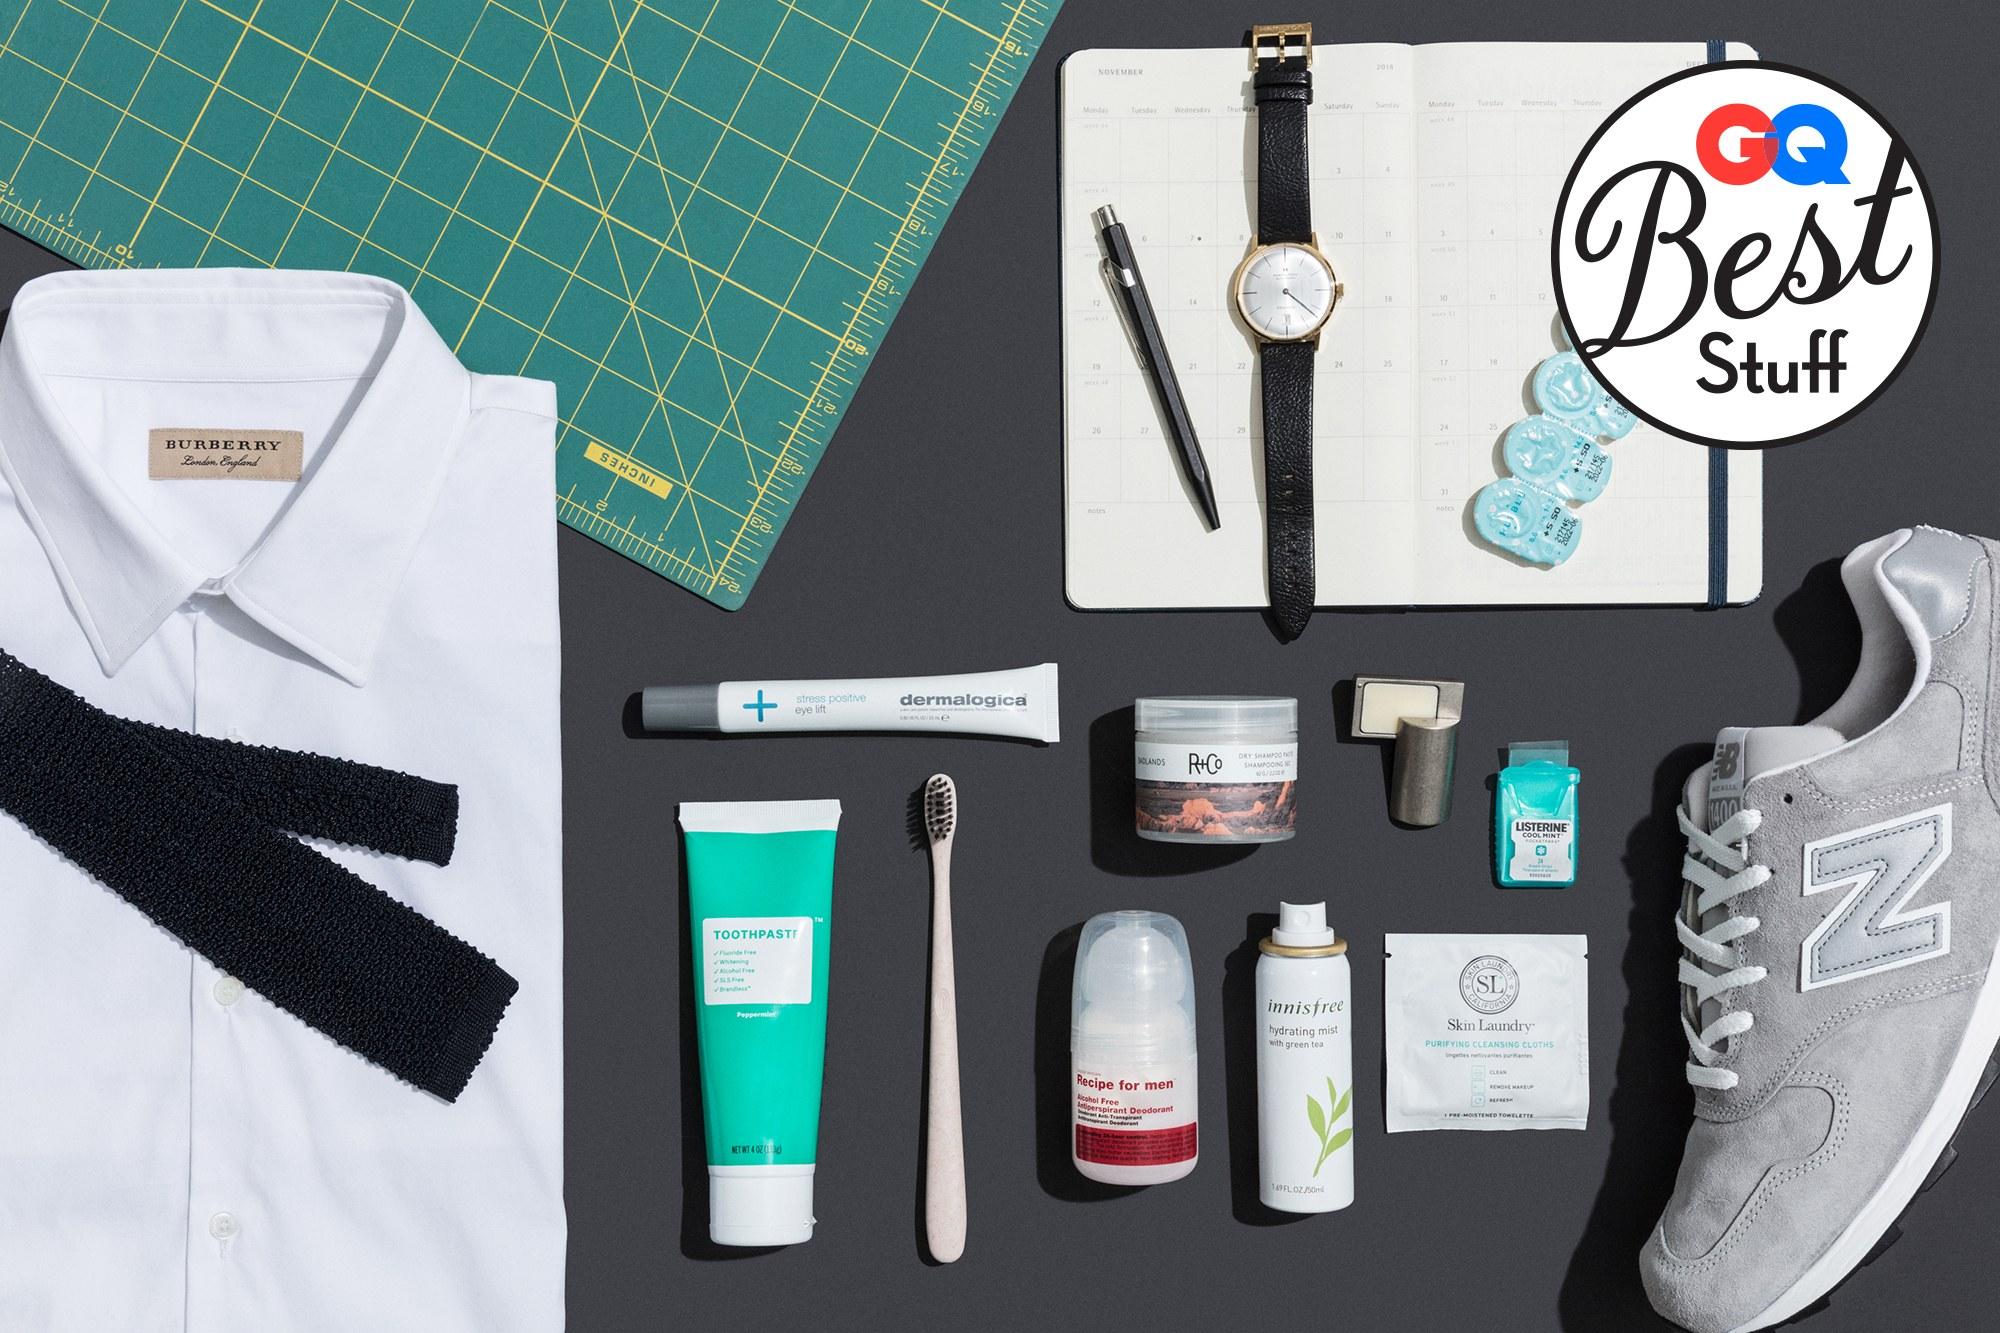 viventium-design-zac-kraemer-gq-best-stuff-retail-design-1.jpg